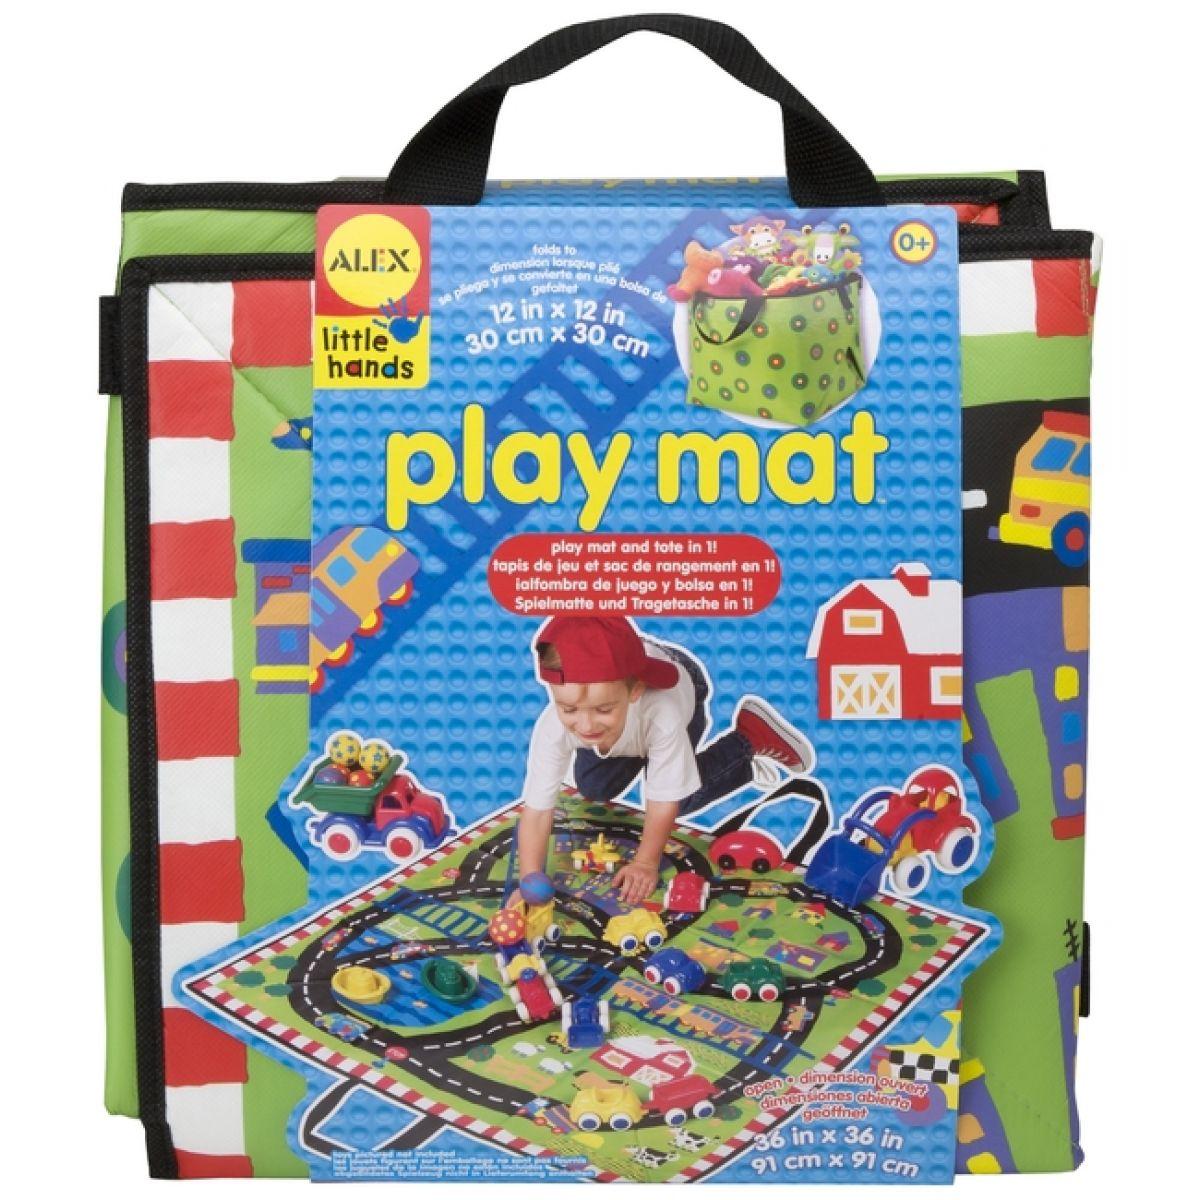 Alex Podložka na hraní pro děti 91x91cm